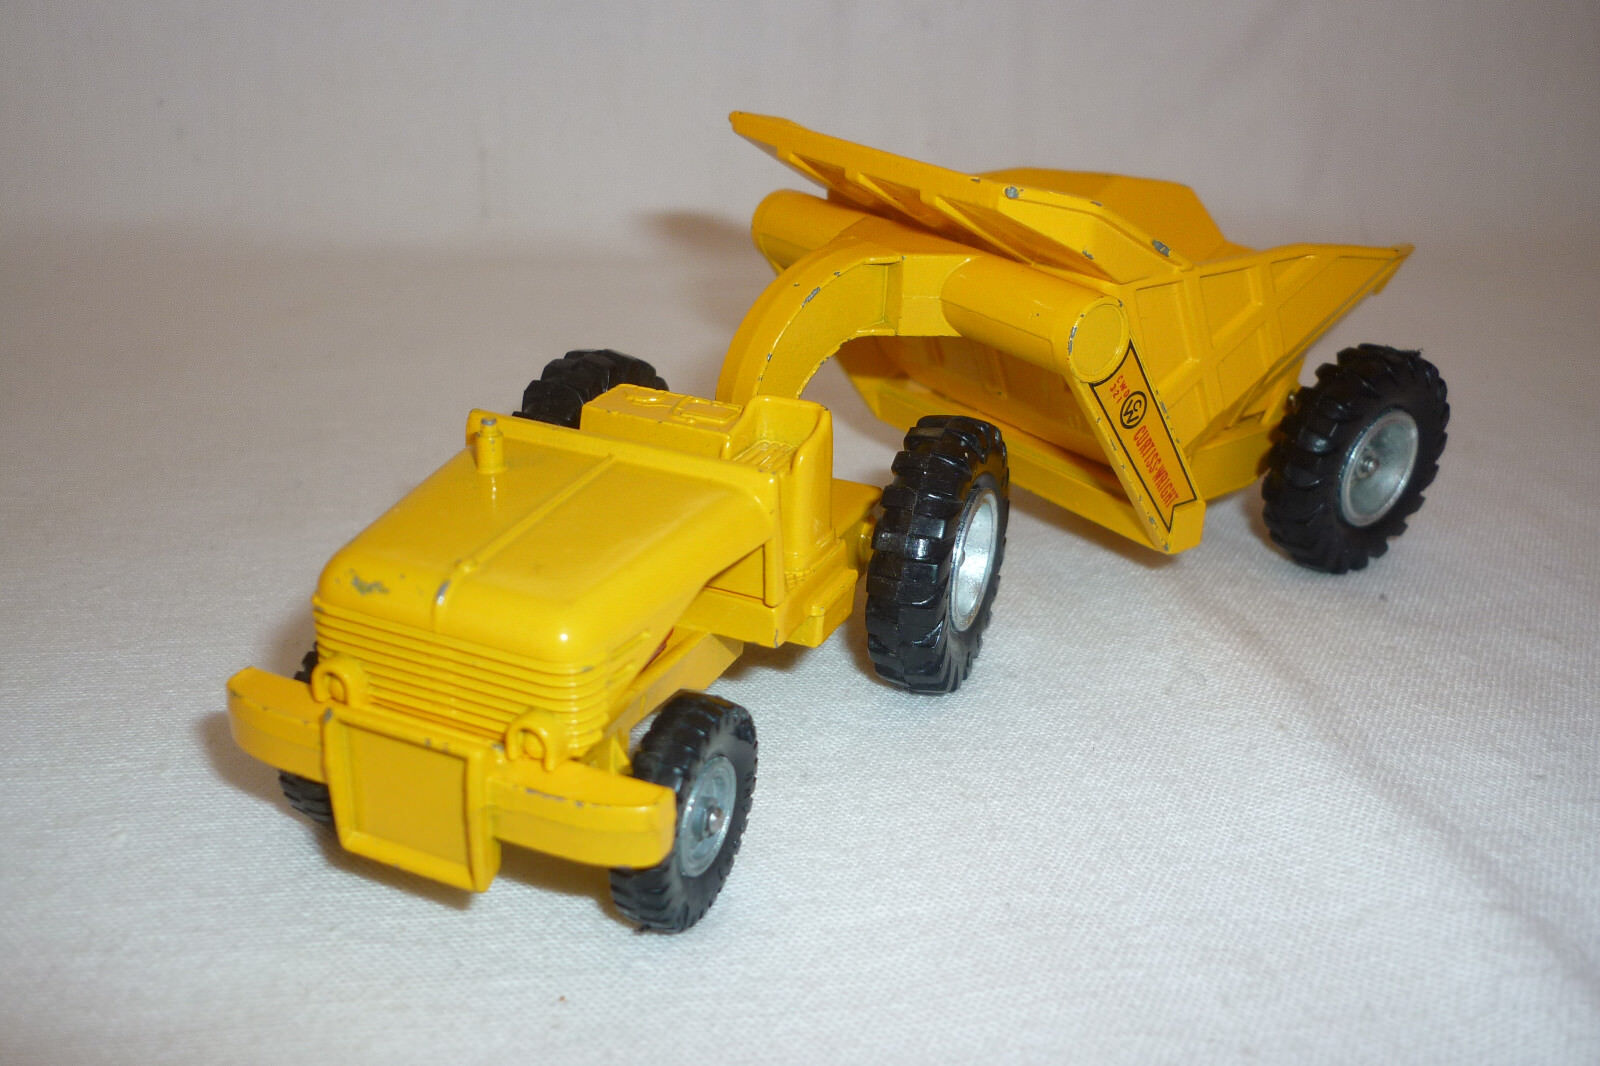 Matchbox - King Size - Curtiss-Wright Rear Dumper Dumper Dumper Cwd 321 - No. 7 - (5.MB-12) 5f7b49